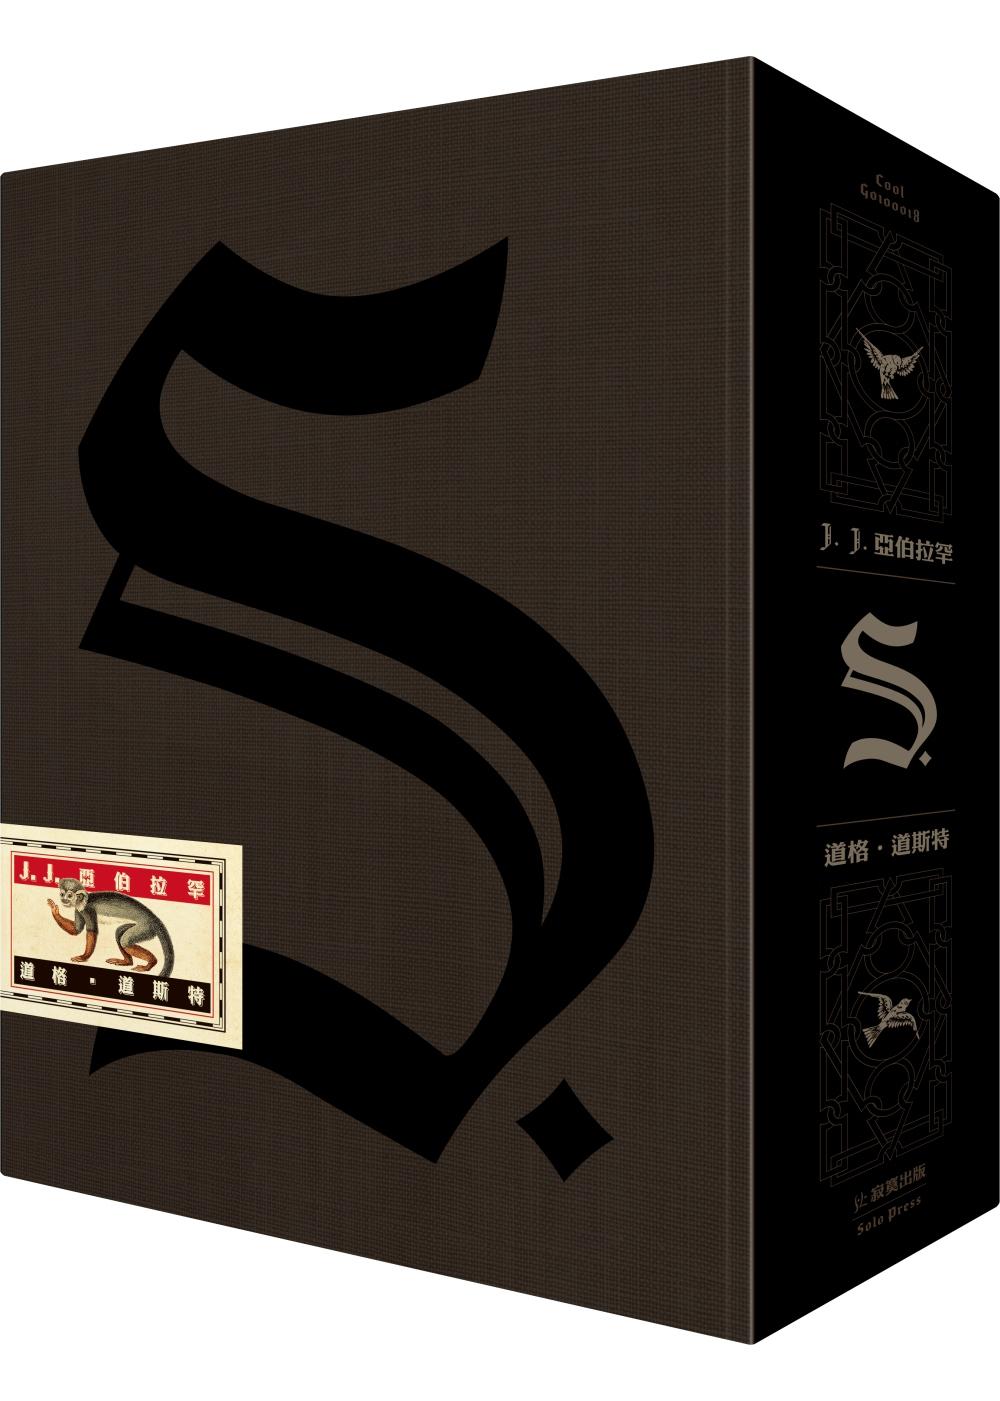 S. 【中文版全球獨家收藏盒】